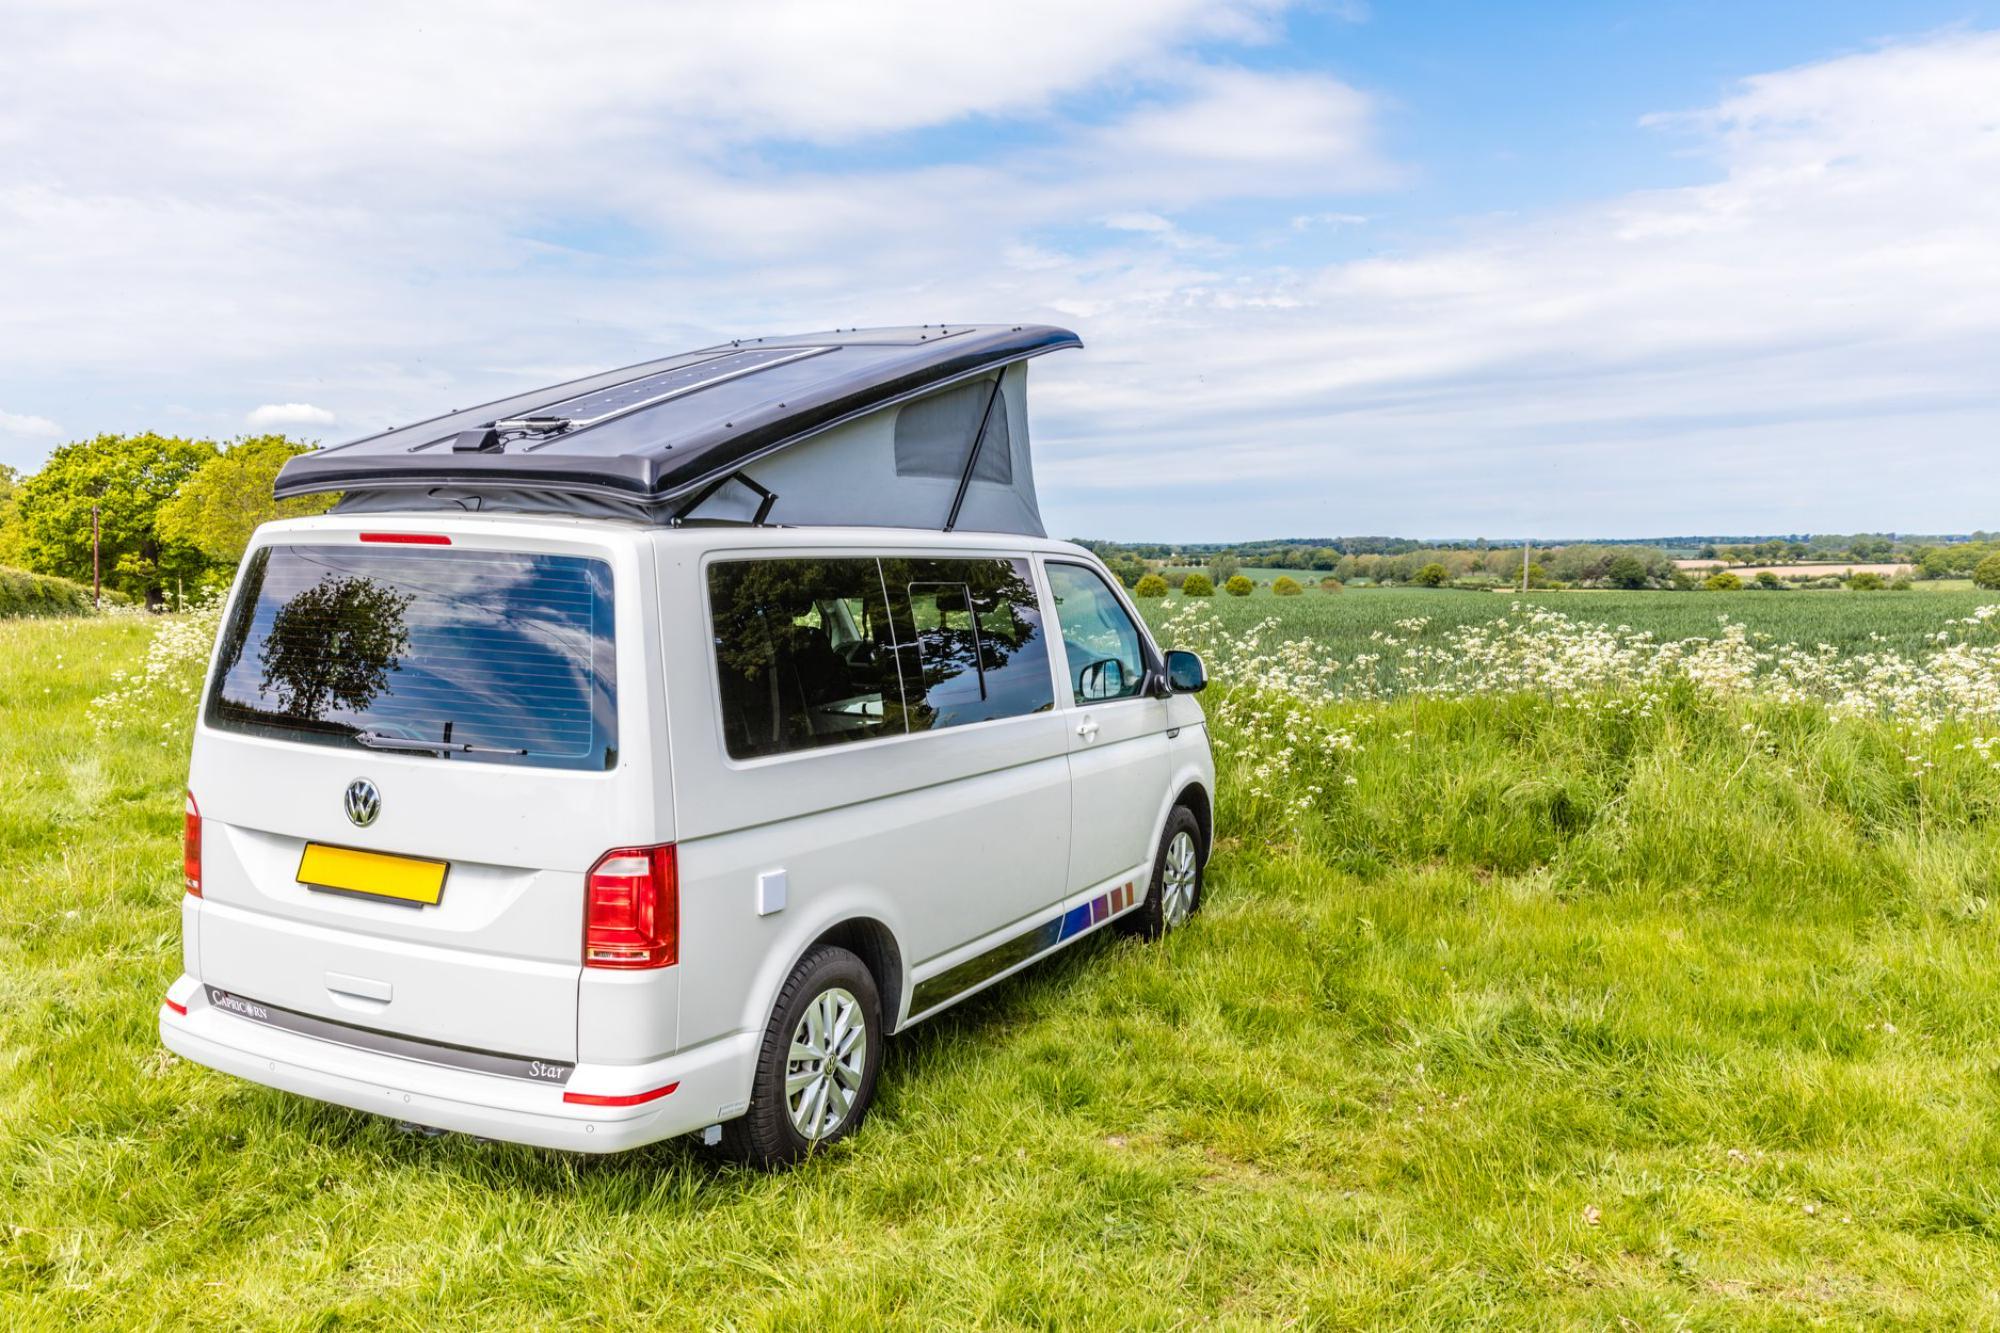 Campervan Hire in Norfolk   Motorhome Rental Companies in Norfolk